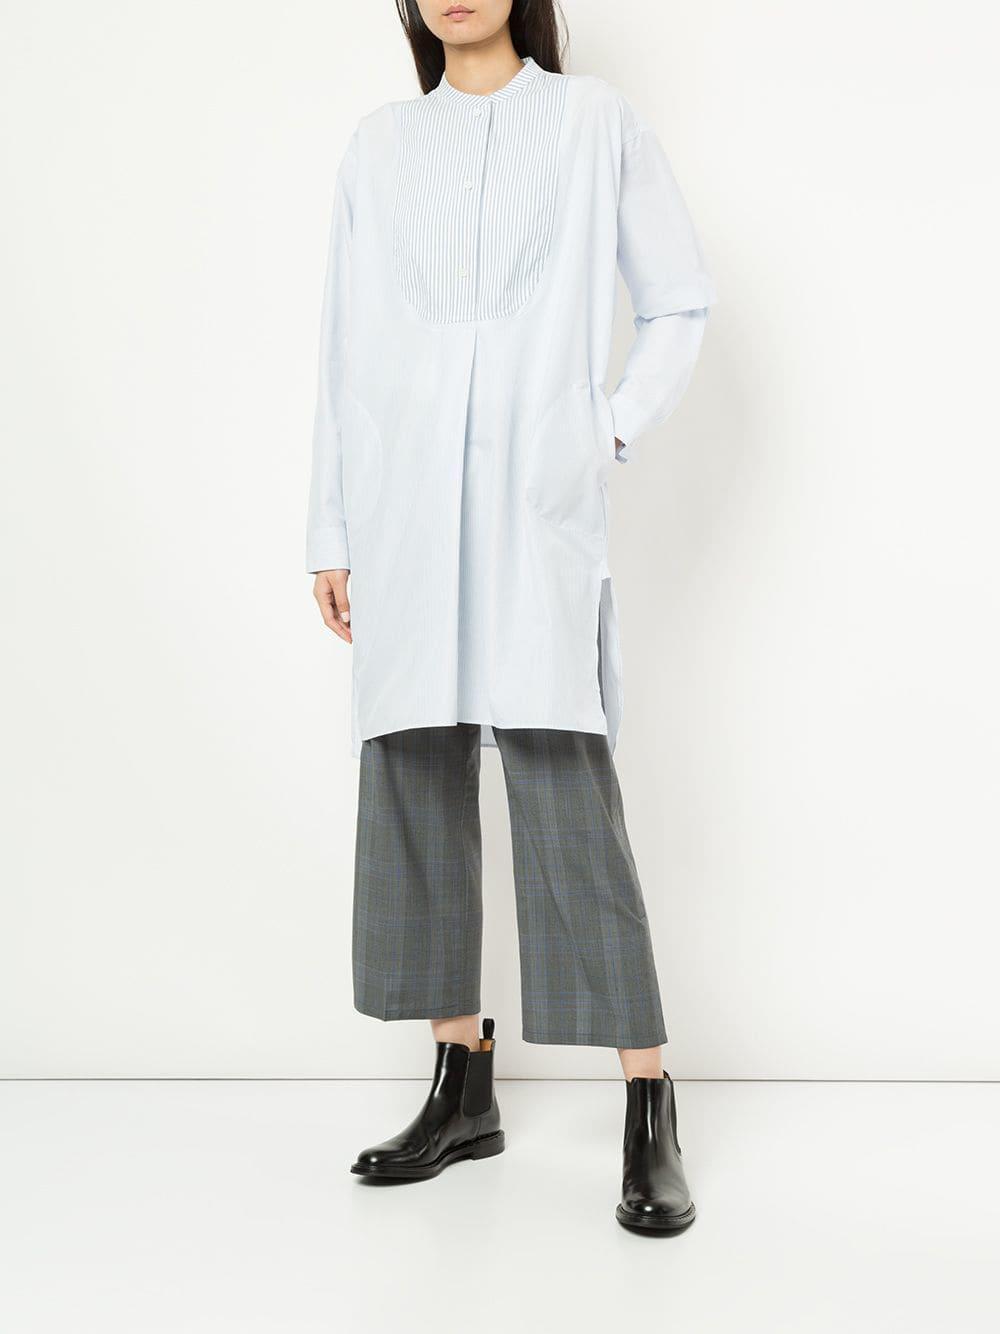 Pantalones capri a cuadros Sofie D'Hoore de Lana de color Gris